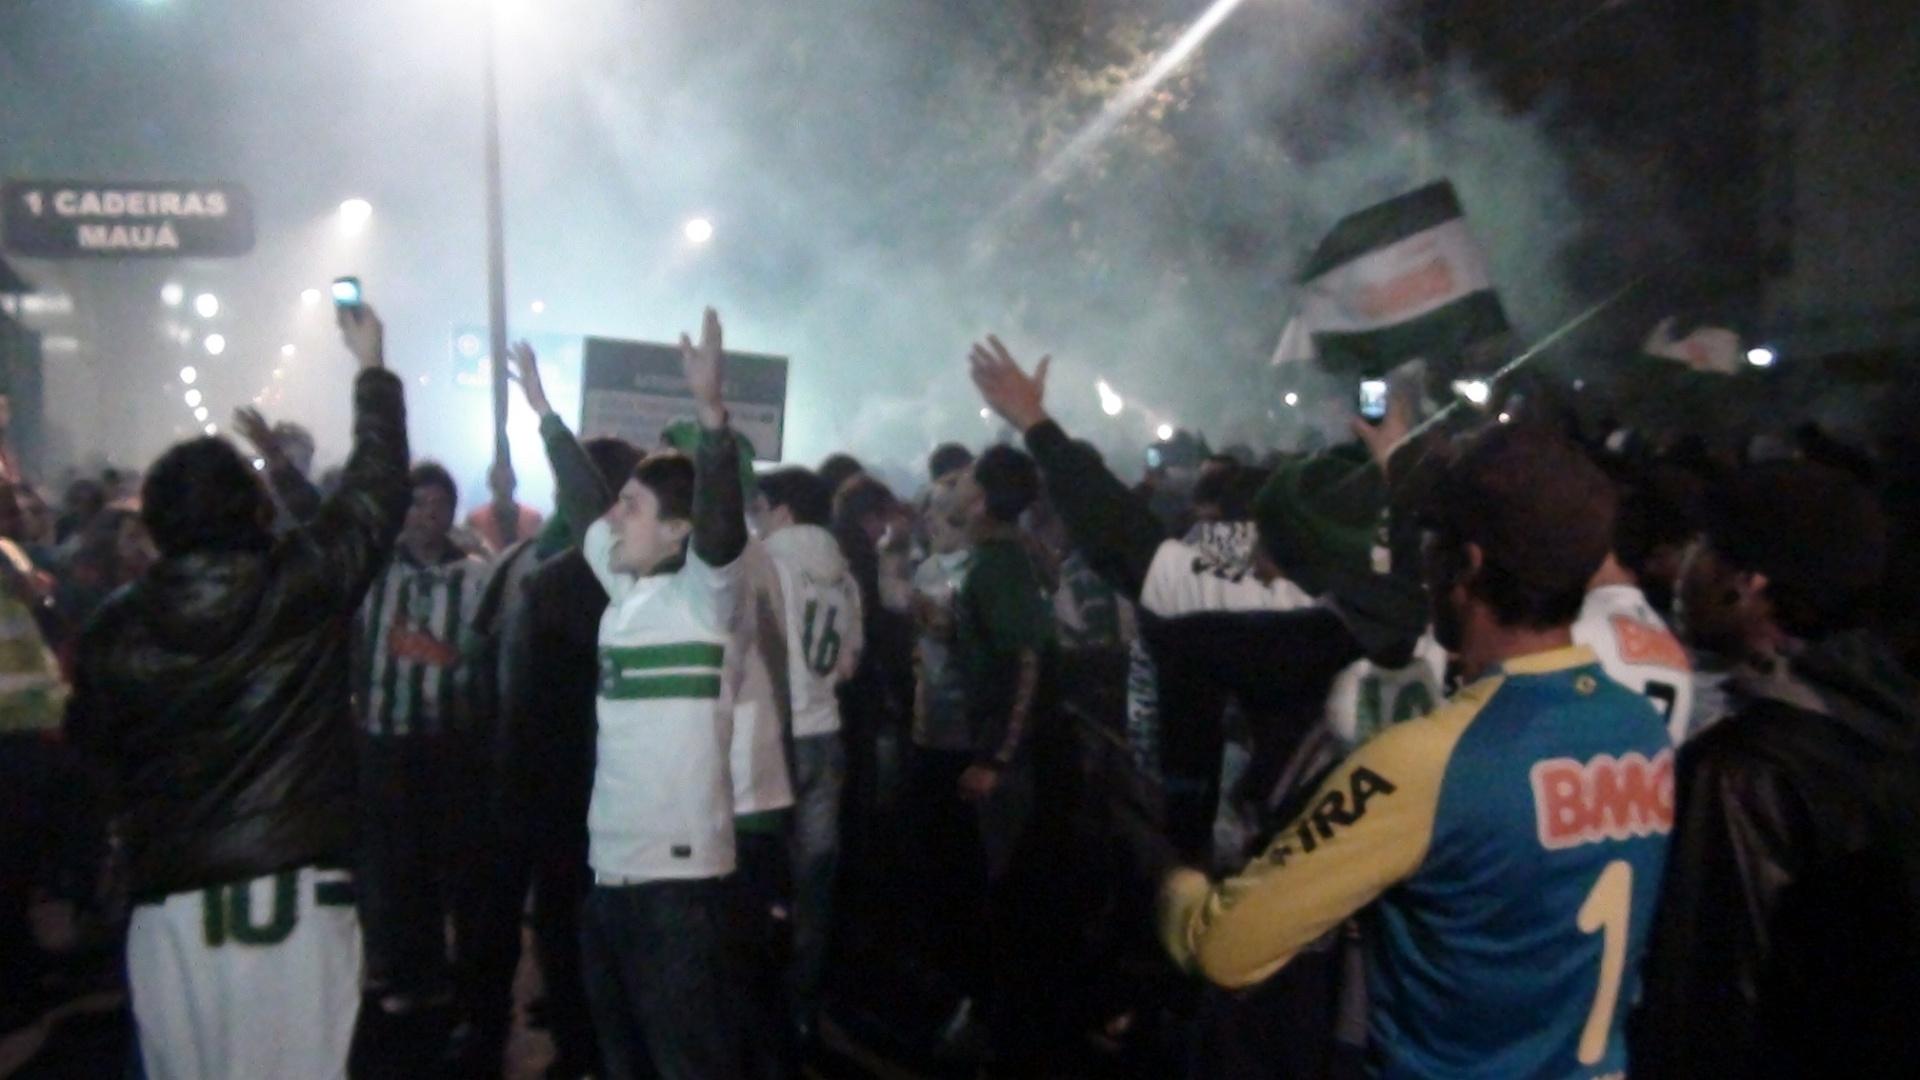 Torcedores do Coritiba fazem festa antes do jogo contra o São Paulo pela Copa do Brasil